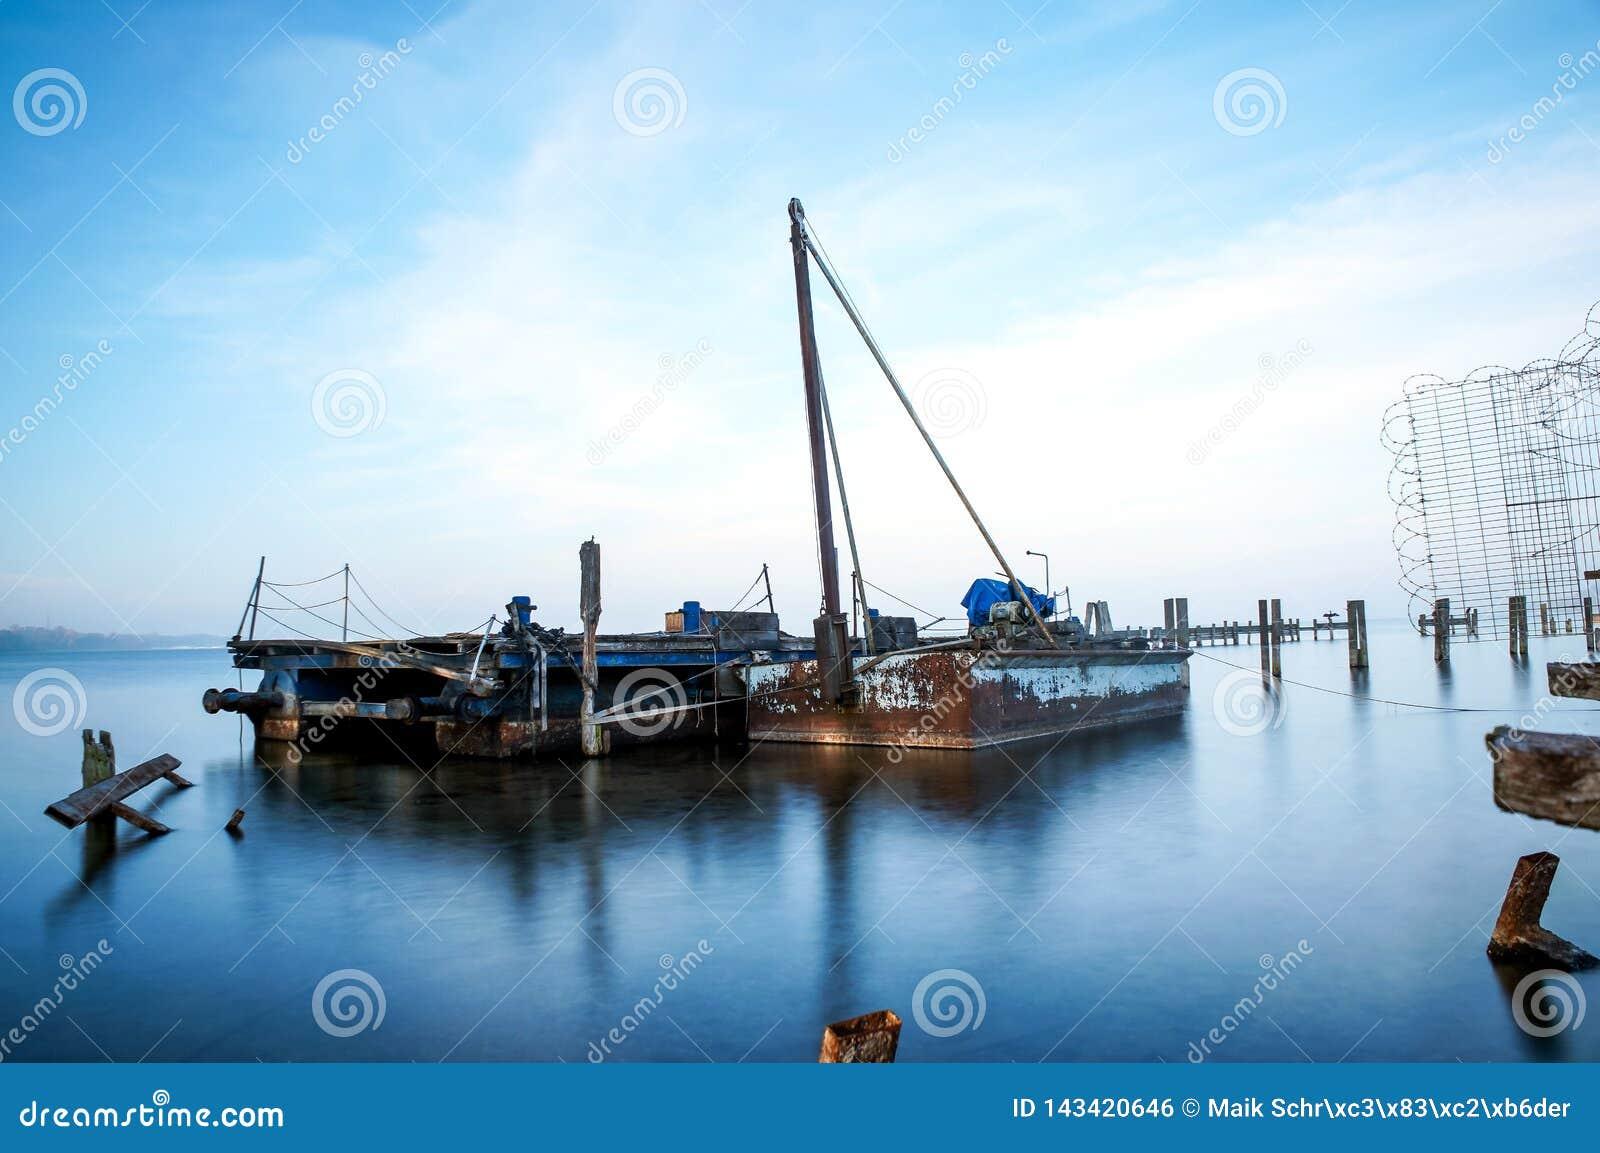 Stare łodzie na jeziorze